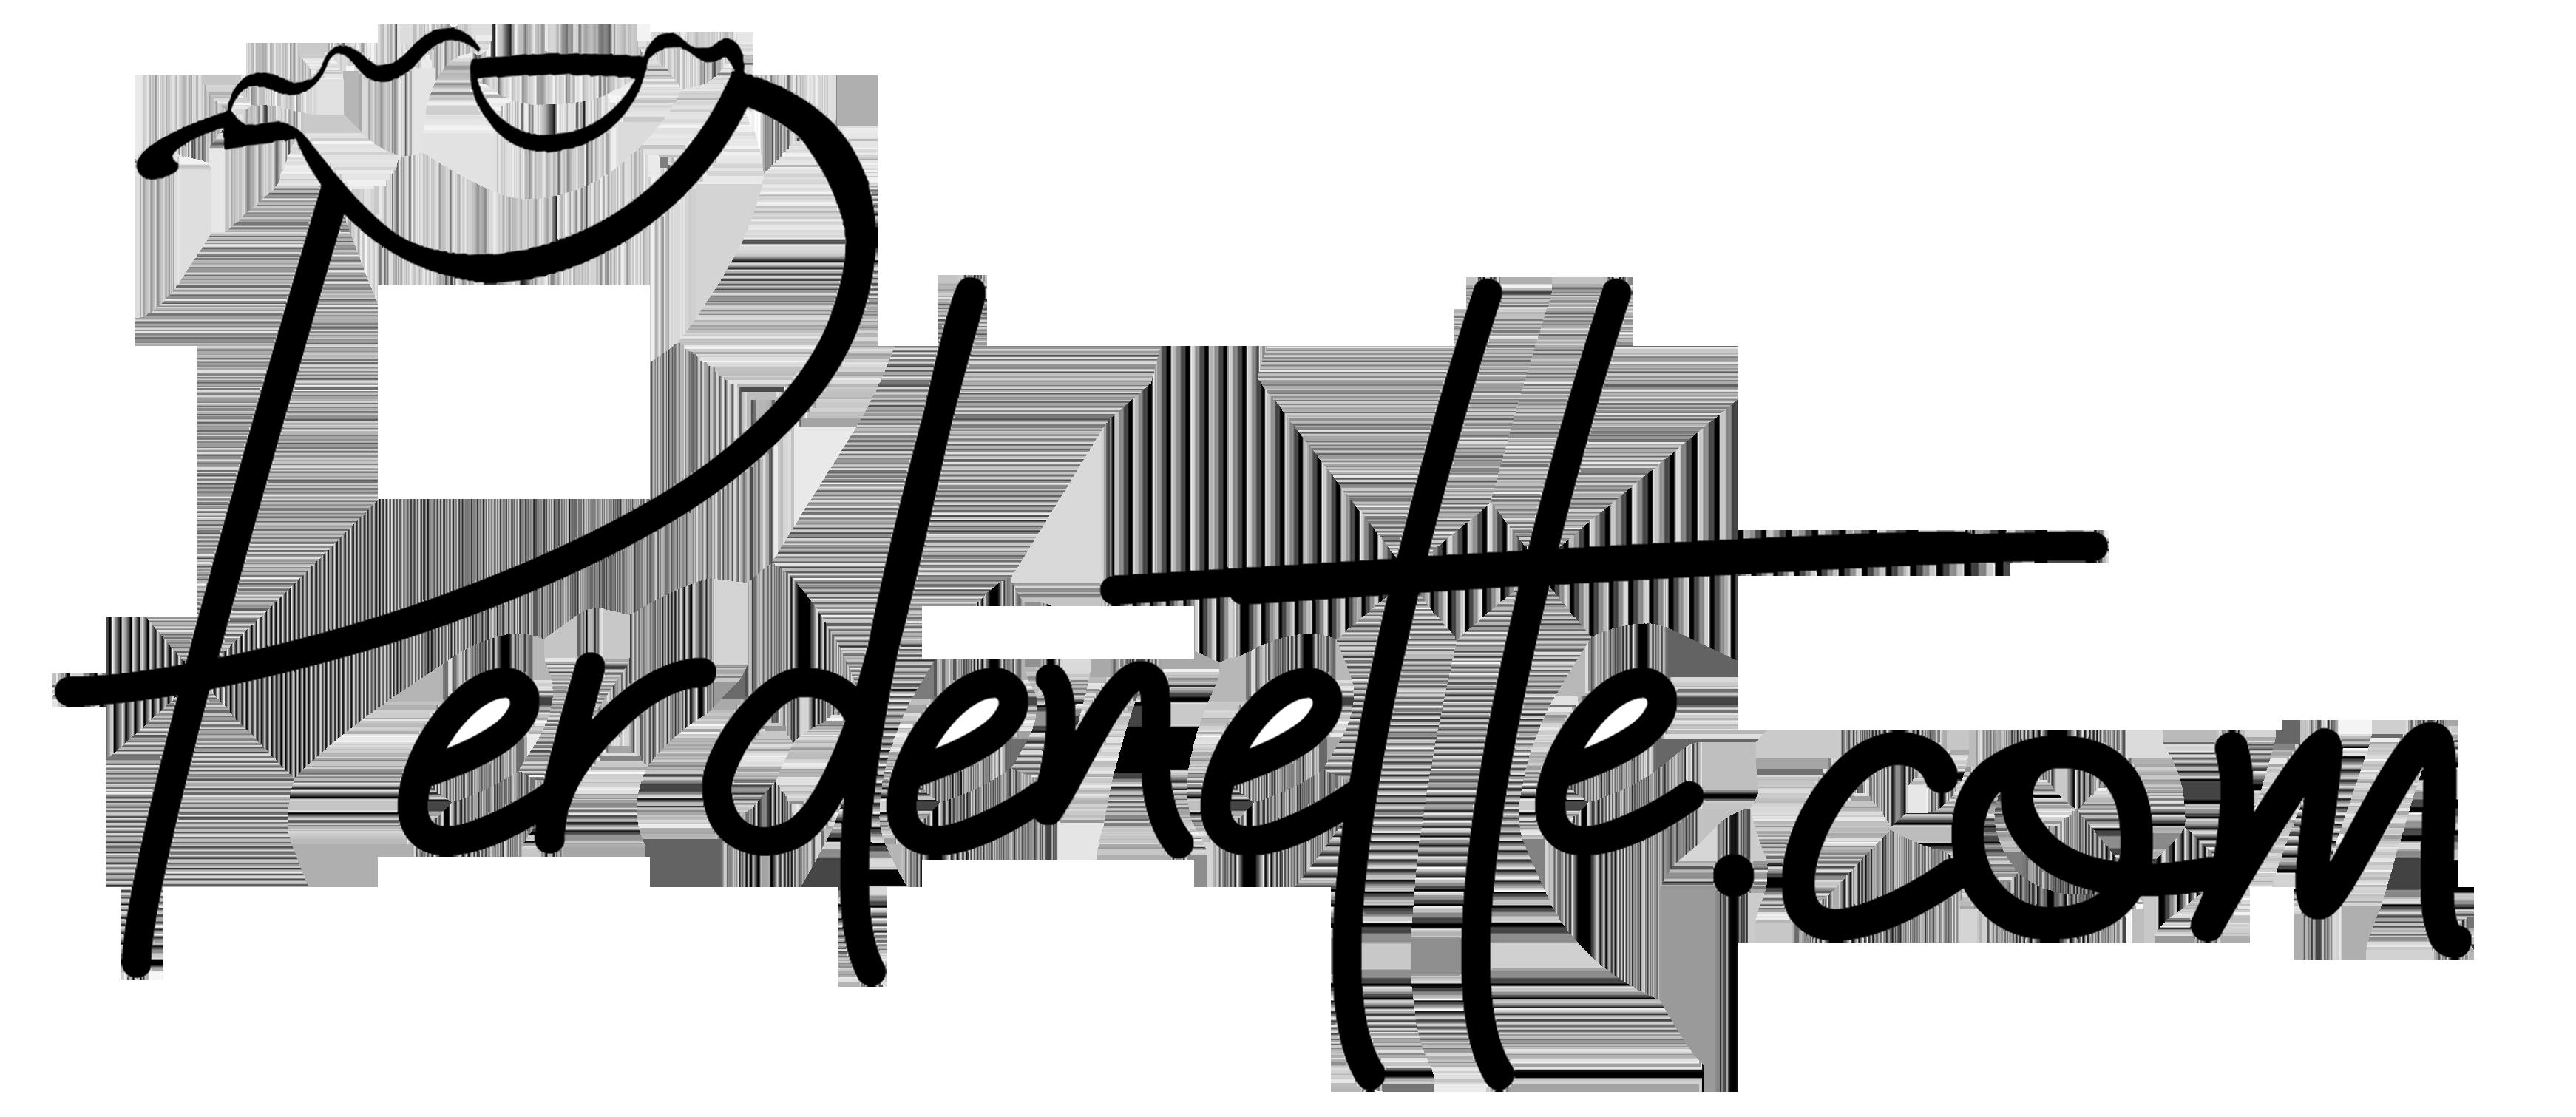 Perdenette.com